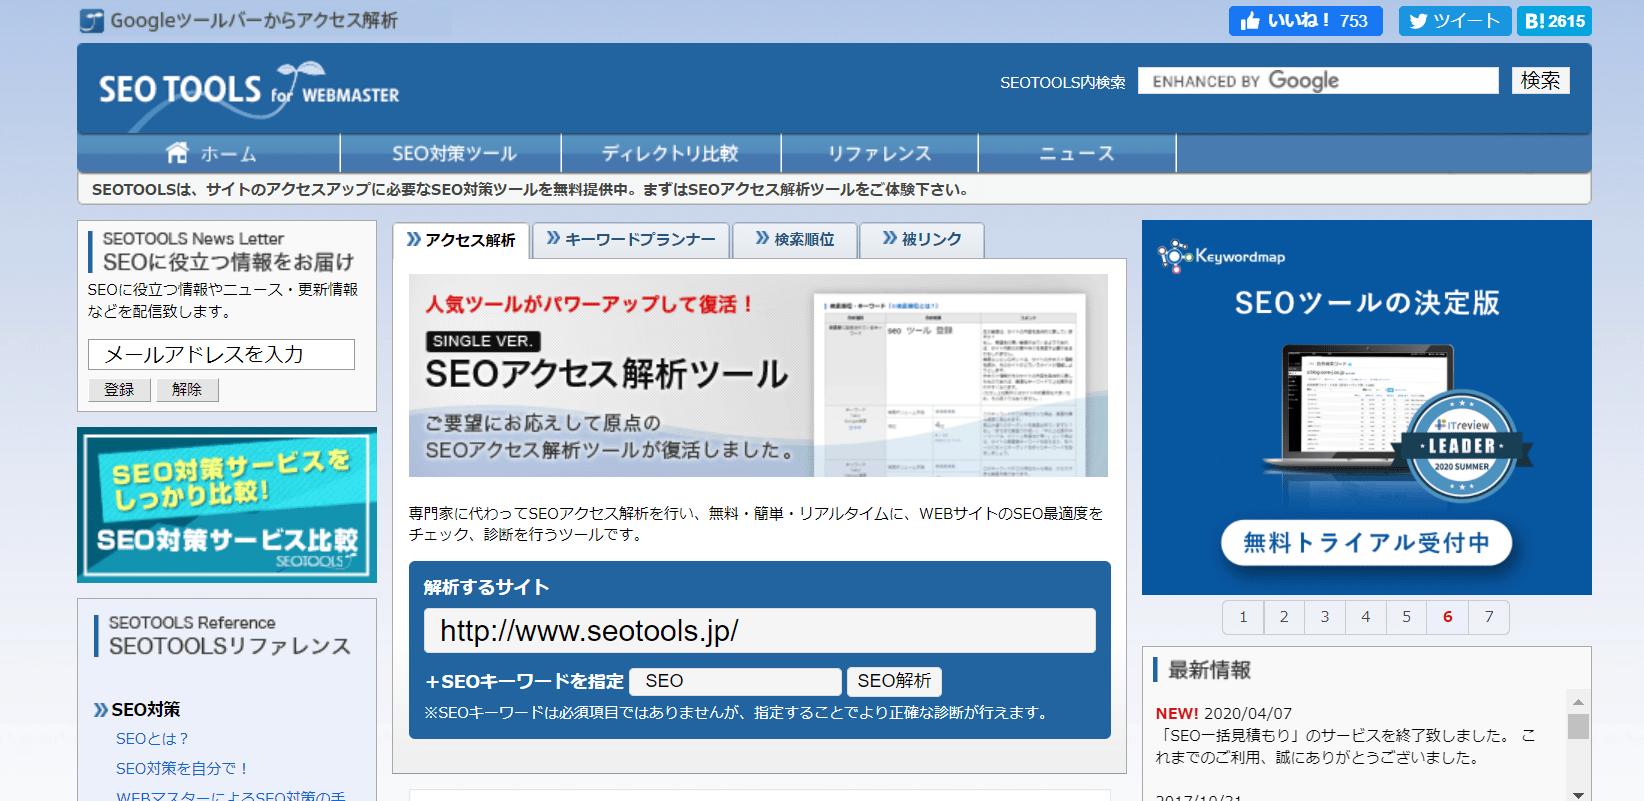 SEOアクセス解析tools